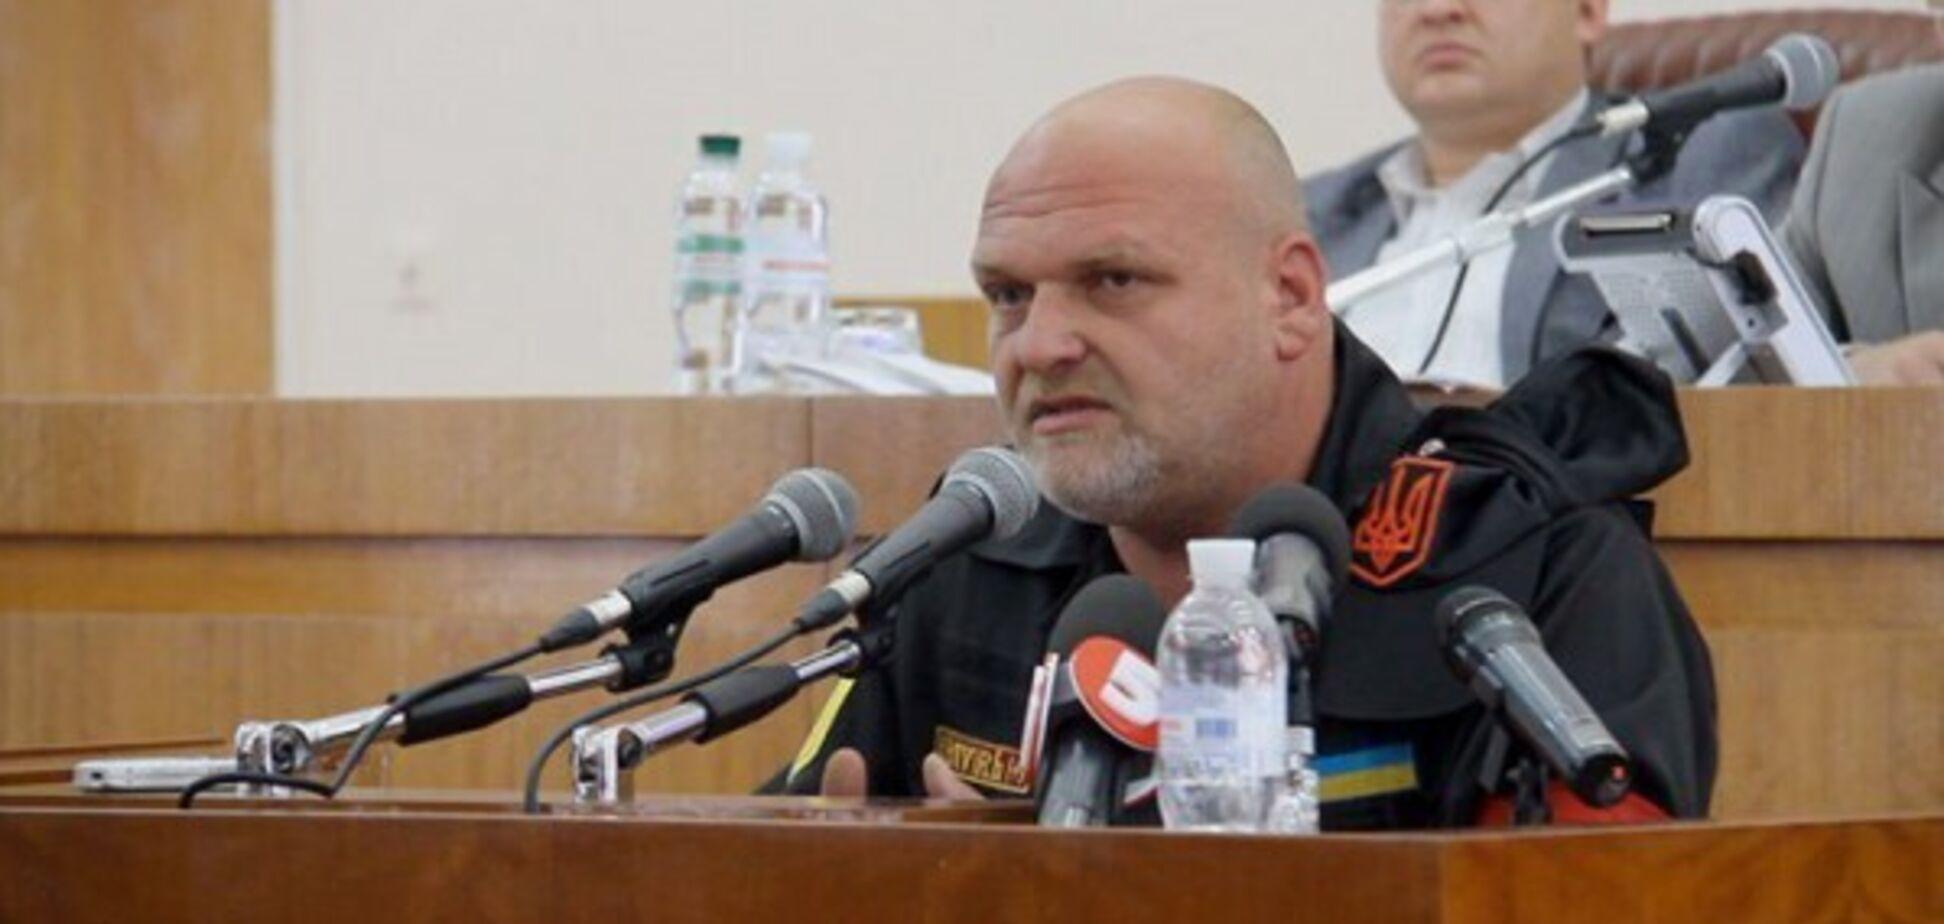 Промышлял бандитизмом и верил в нацизм: что известно о задержанном в России члене 'Правого сектора'